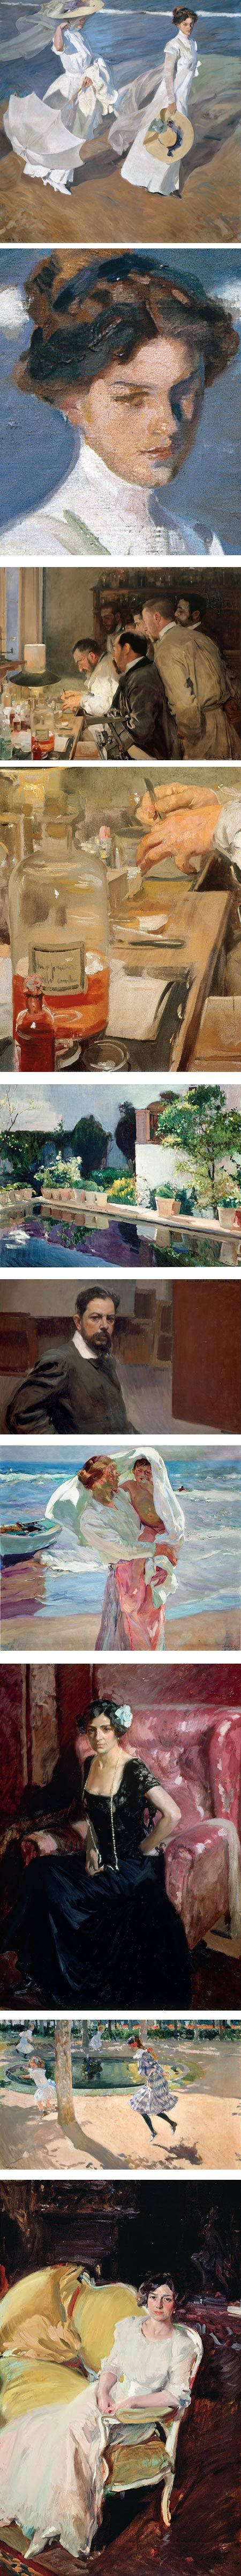 Museo Sorolla on Google Art Project; Joaquin Sorolla y Bastida: